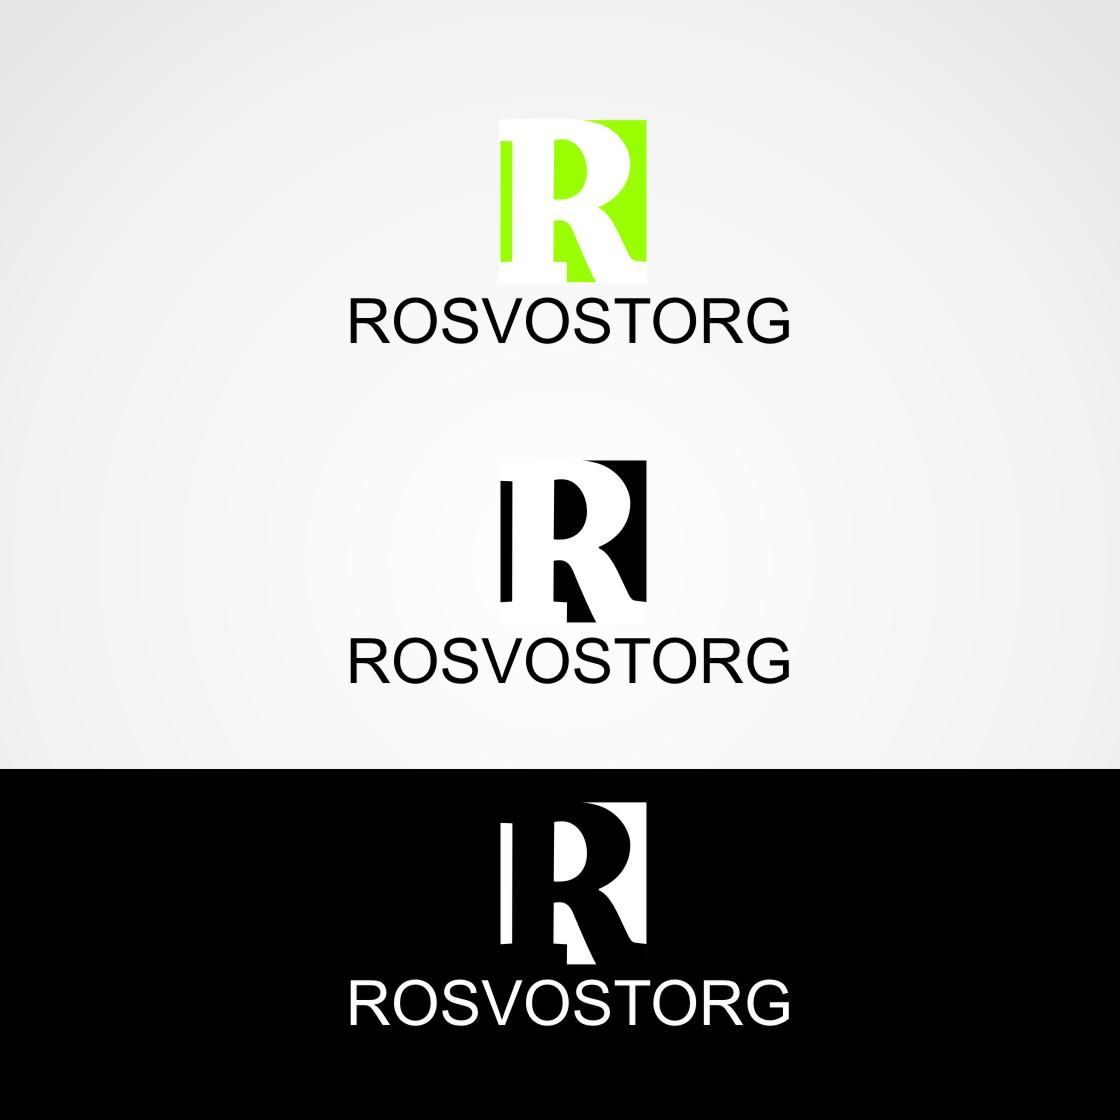 Логотип для компании Росвосторг. Интересные перспективы. фото f_4f8bc46346fef.jpg